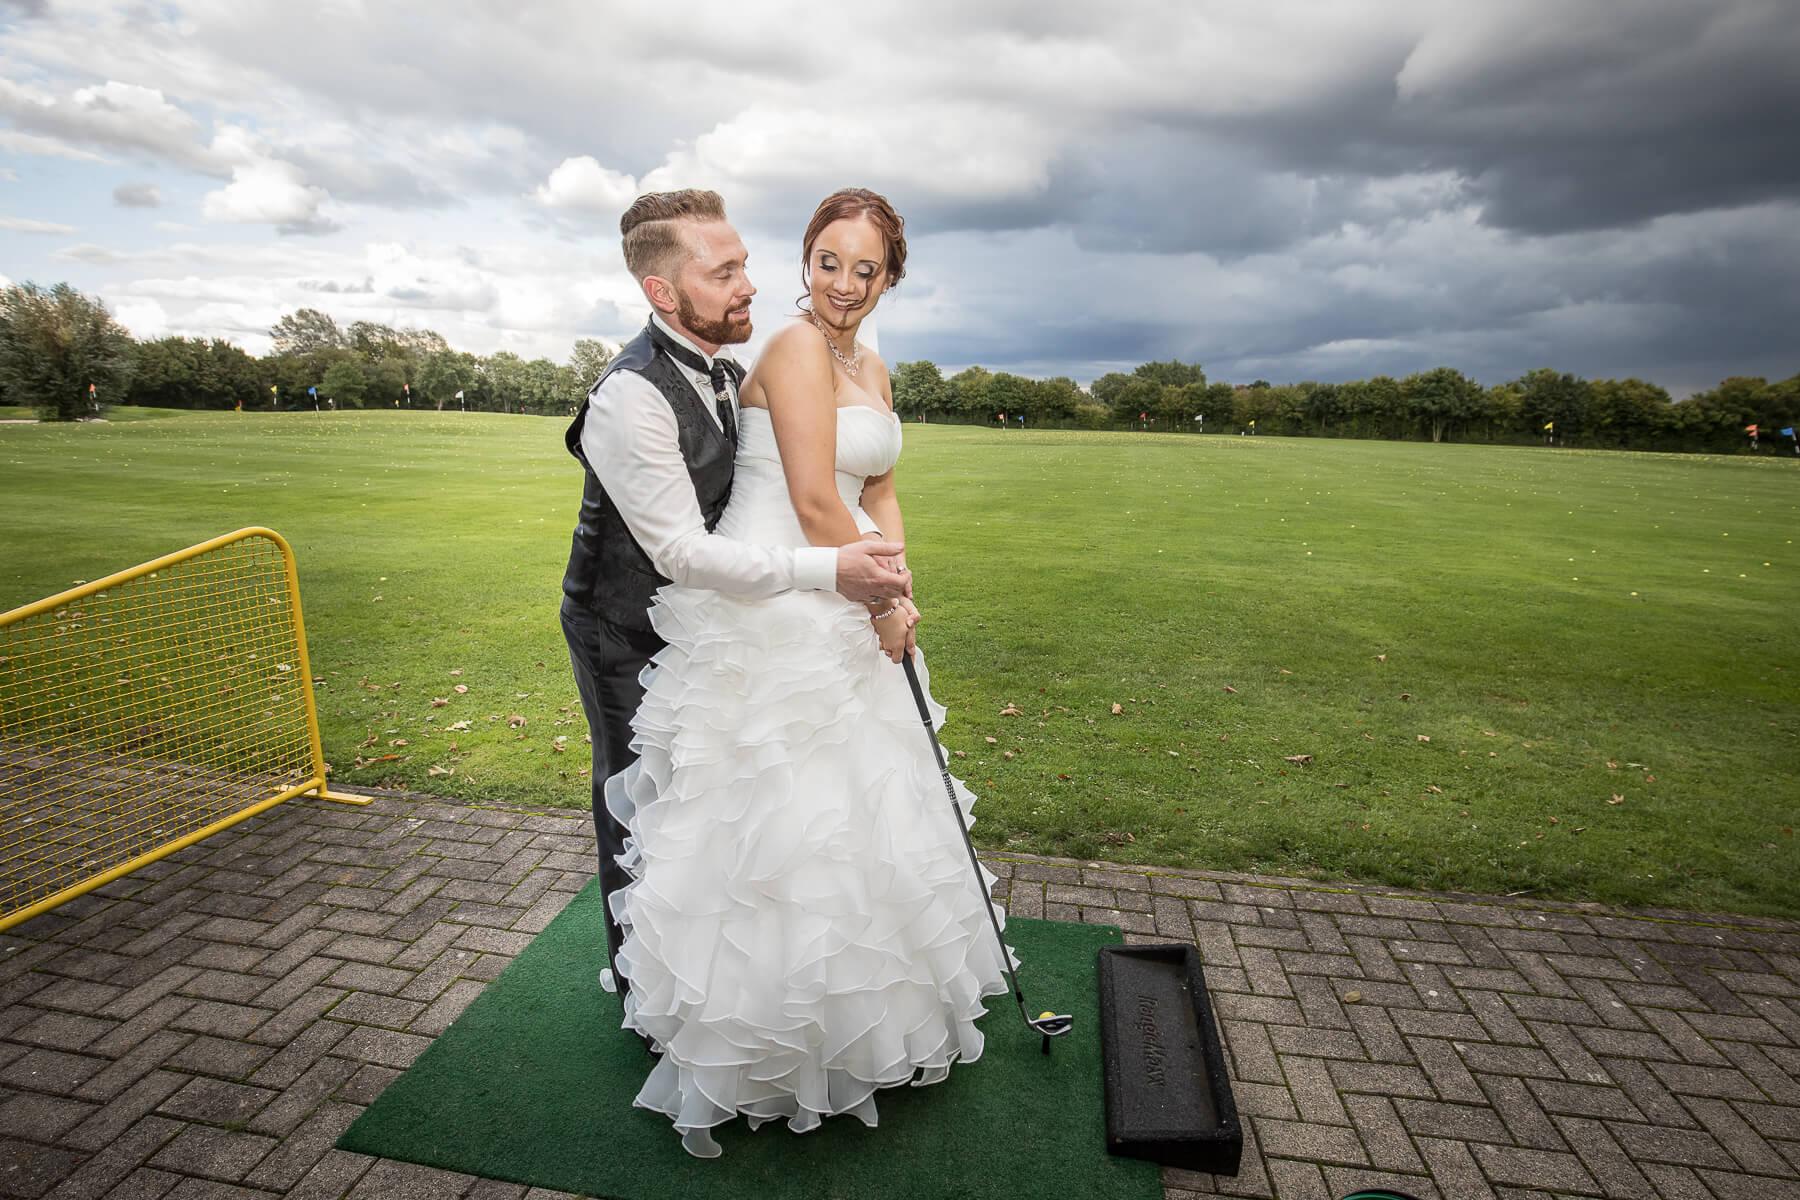 Hochzeitsreportage  Fotograf  Freie Trauung  Golfplatz Hummelbachaue  Neuss 05